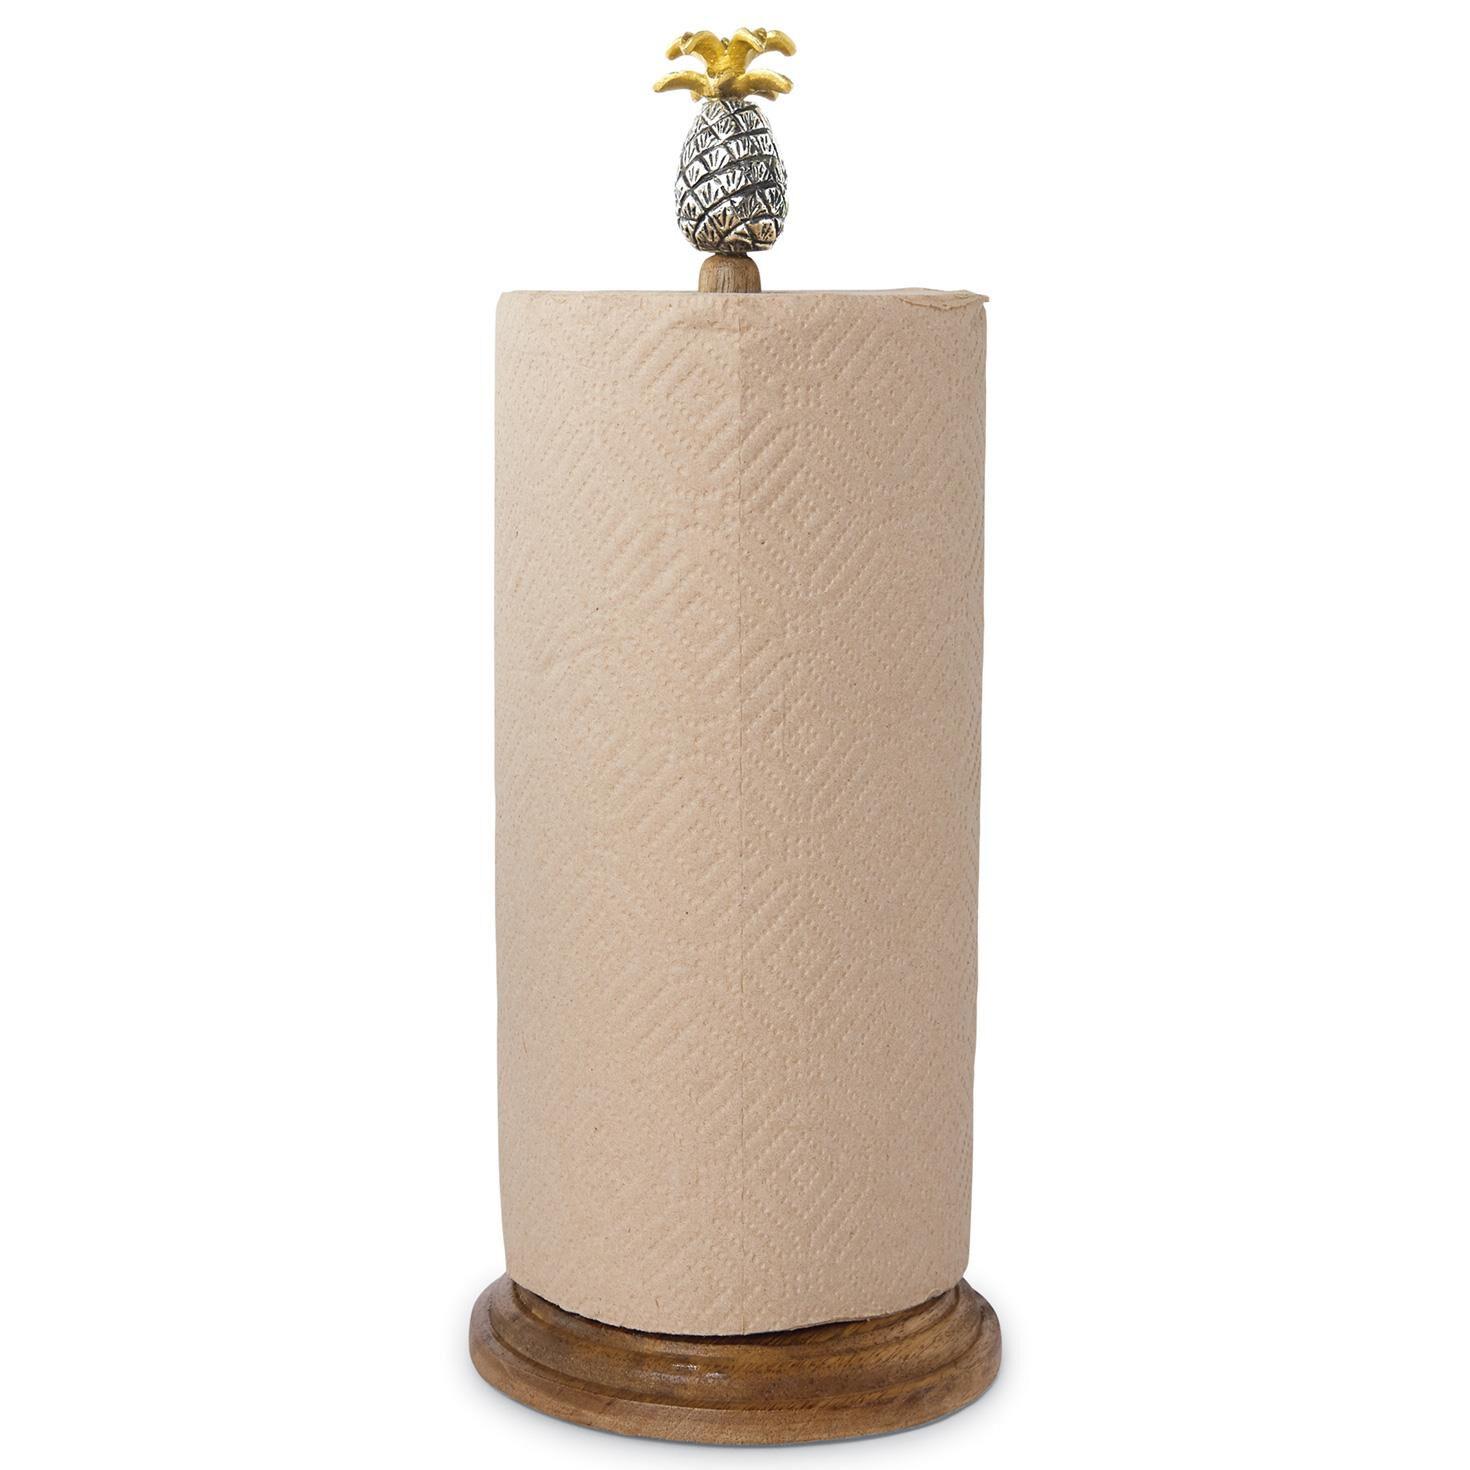 Fullsize Of Paper Towel Holder